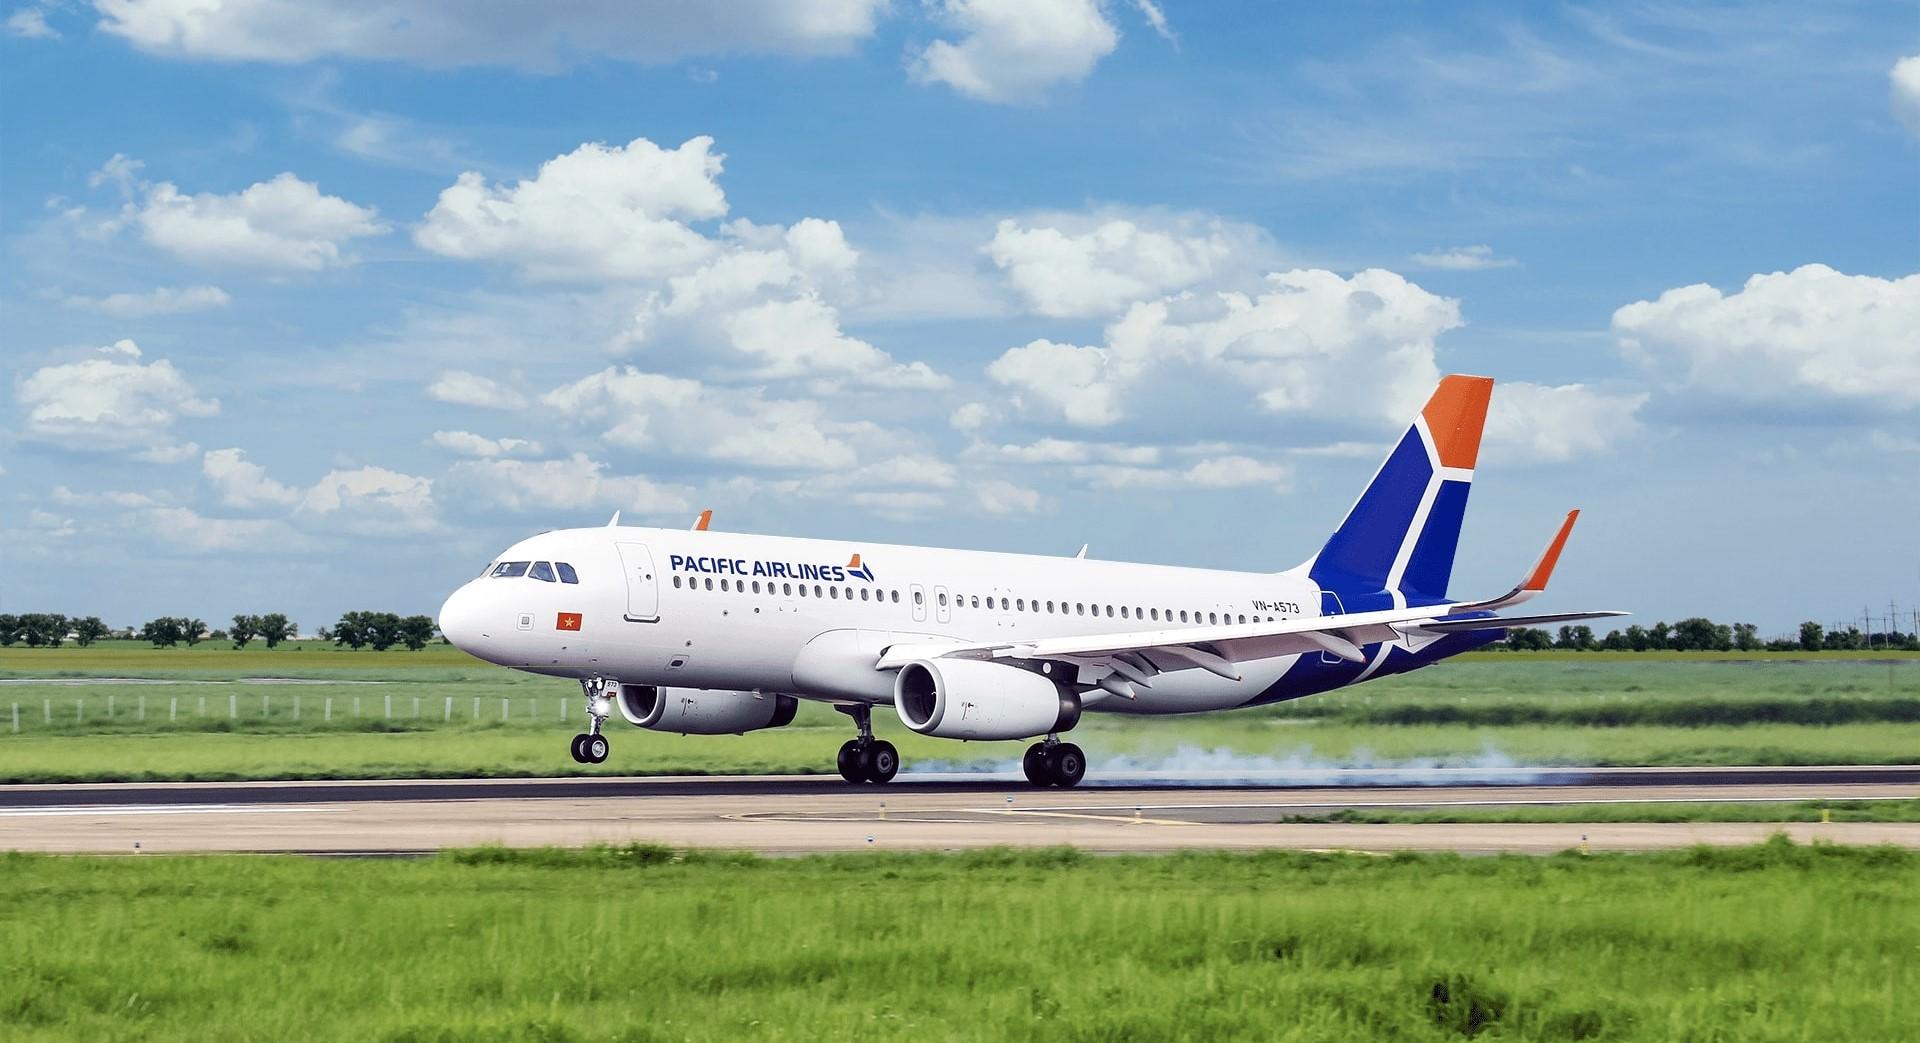 Vé máy bay Pacific Airlines giá rẻ